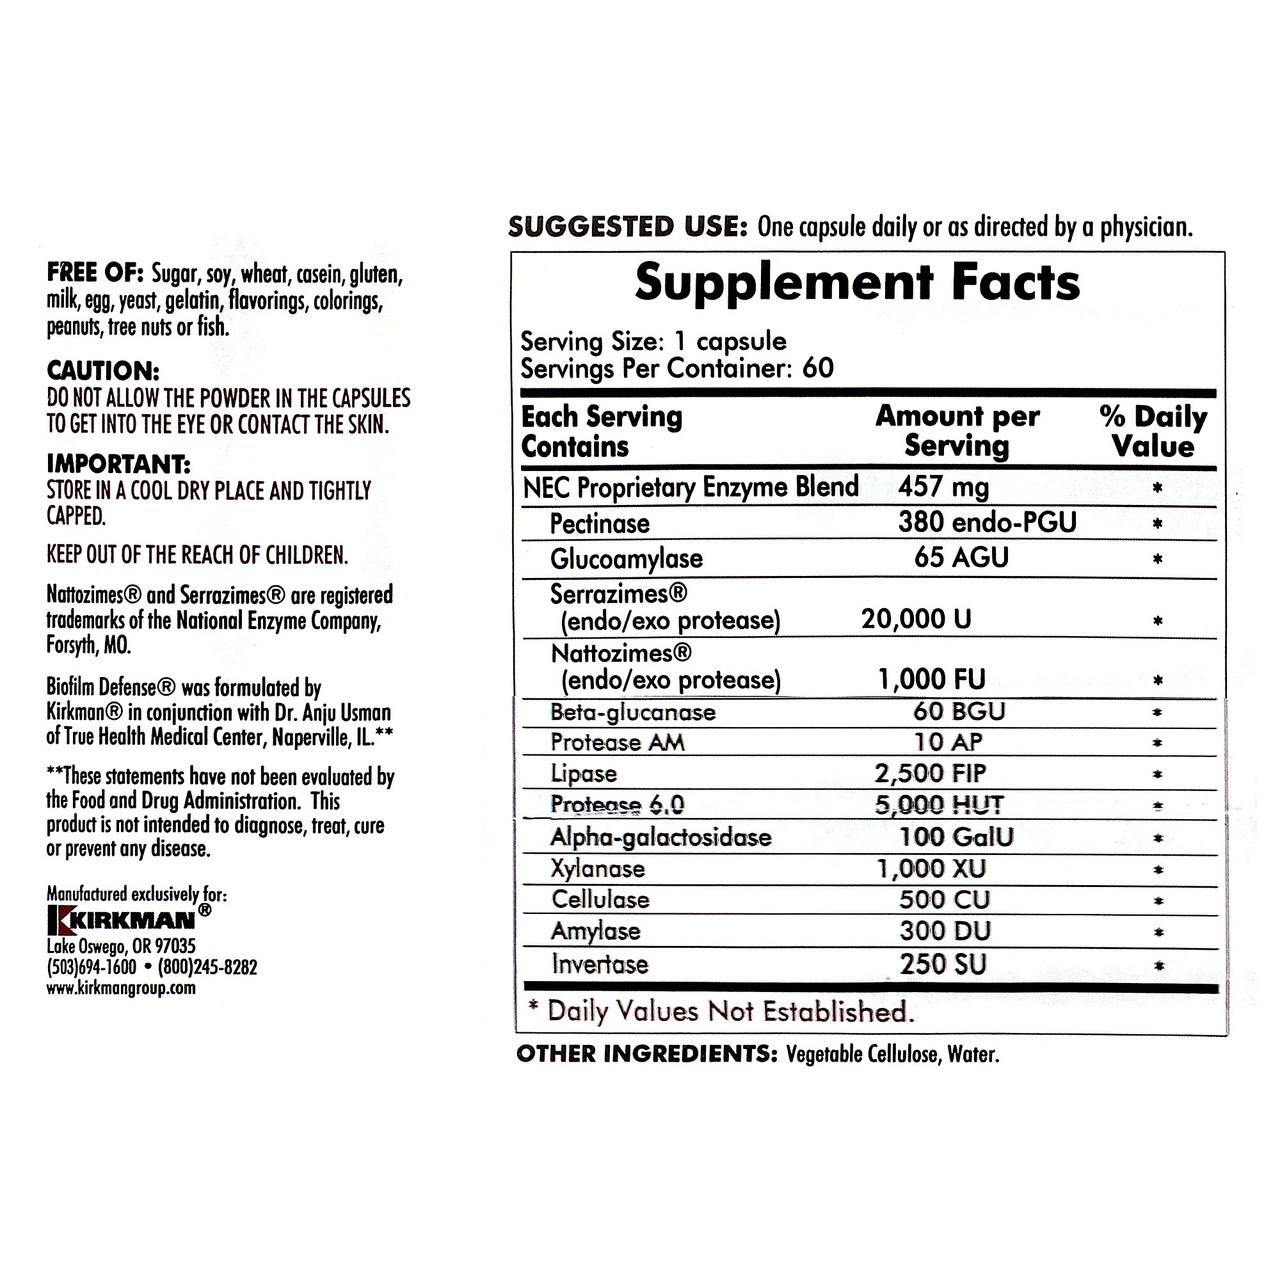 Kirkman Biofilm Defense ingredients